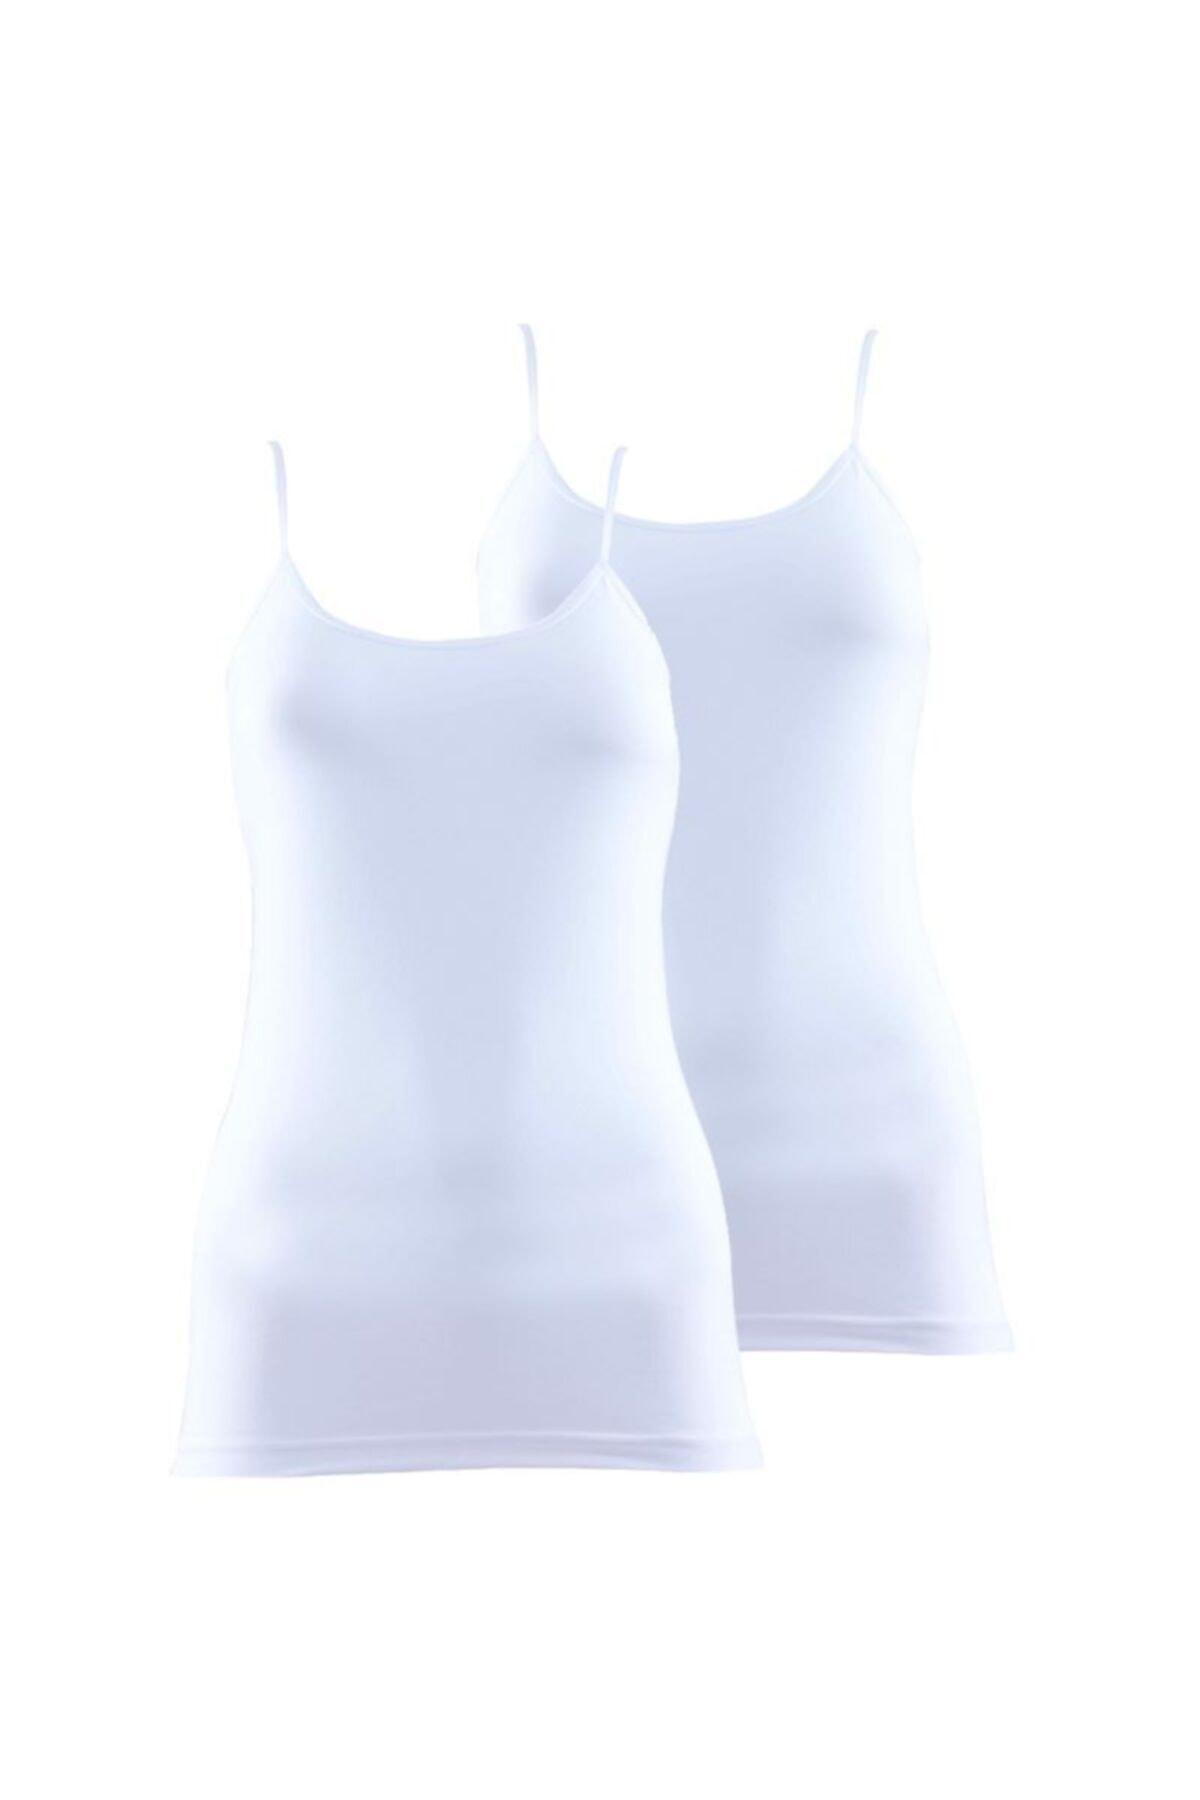 Blackspade Kadın Ince Askılı Atlet 2'li Paket Essential 1591 - Beyaz 1